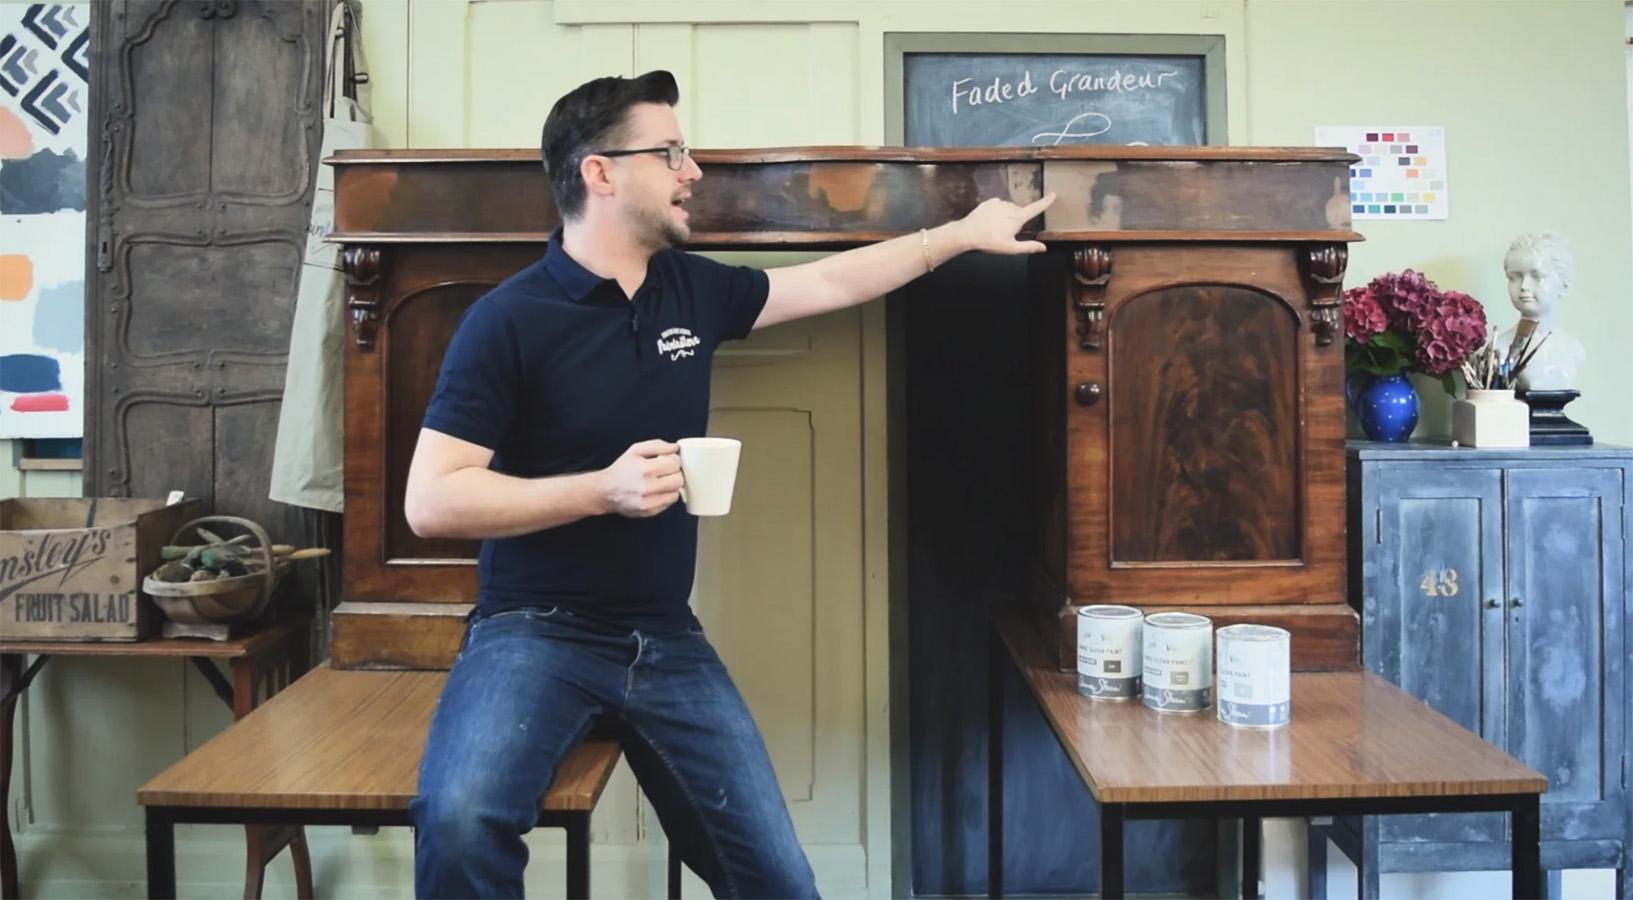 Jonathon Faded Grandeur Desk